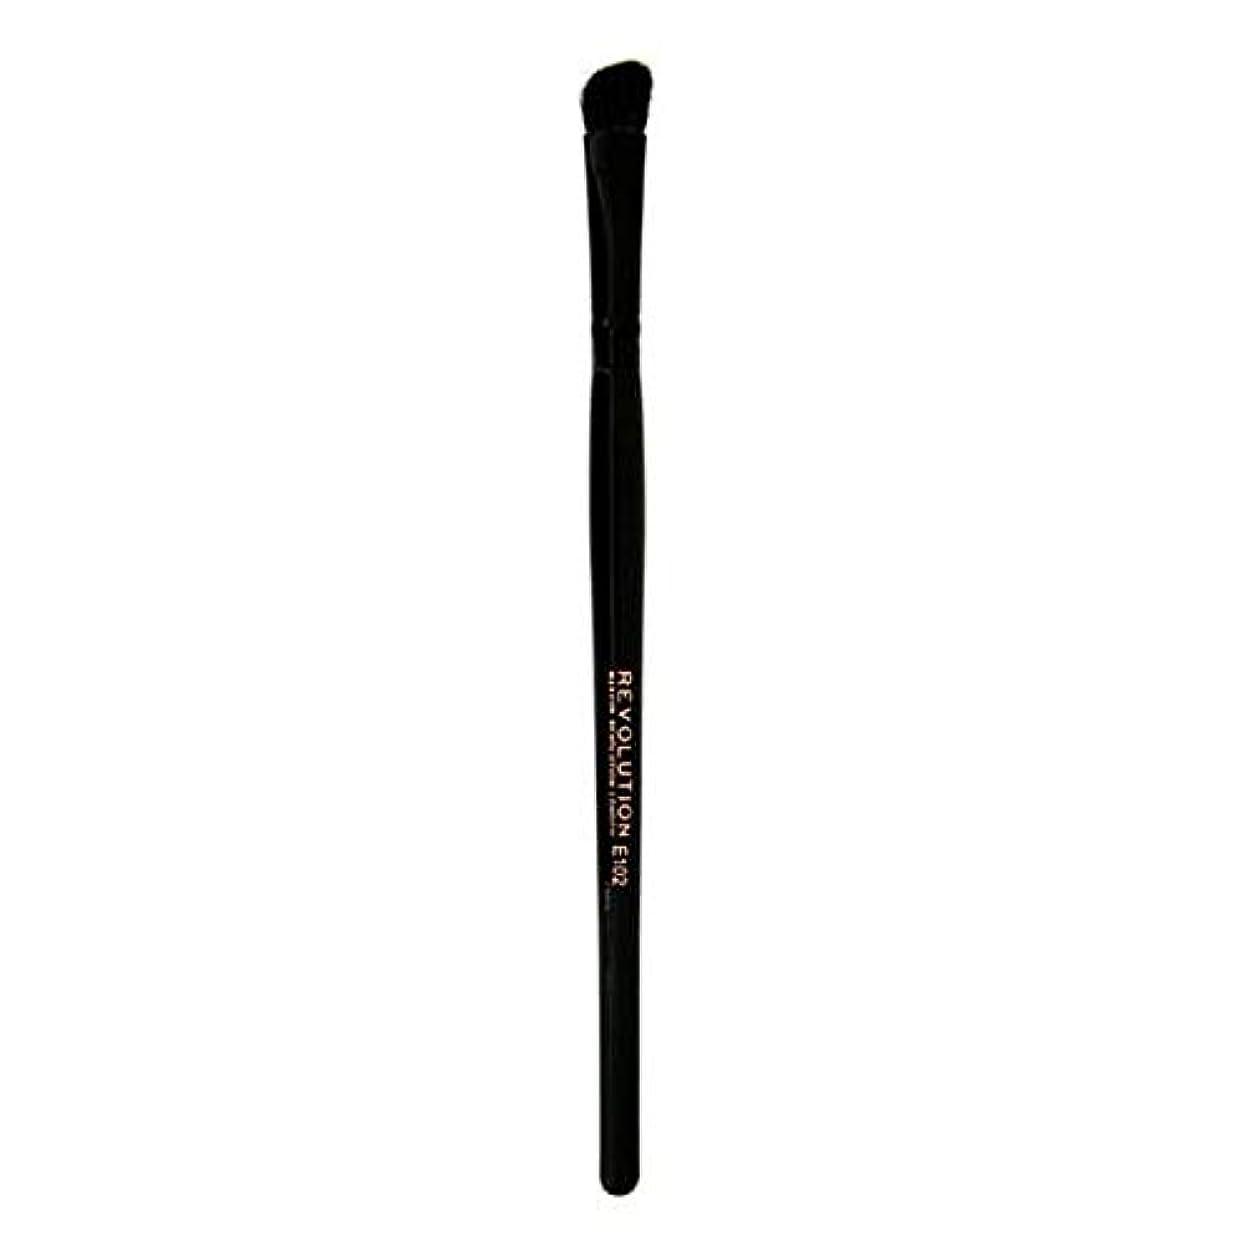 偏差素朴な責任者[Revolution ] 革命プロE102アイシャドウの輪郭メイクブラシ - Revolution Pro E102 Eyeshadow Contour Makeup Brush [並行輸入品]